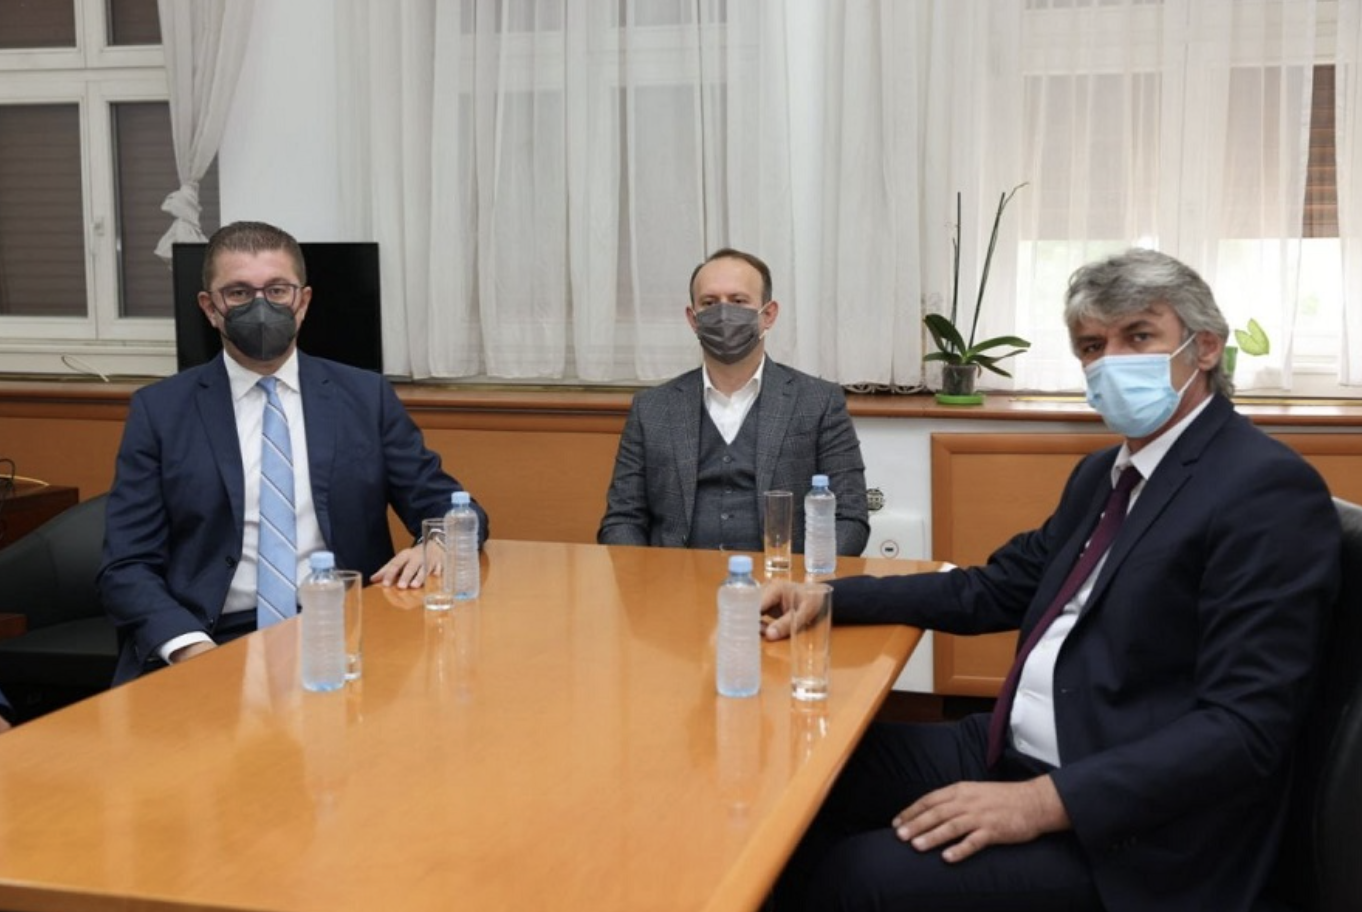 Βόρεια Μακεδονία: Μέχρι τις 30 Αυγούστου η κατάθεση υποψηφιοτήτων για τις τοπικές εκλογές